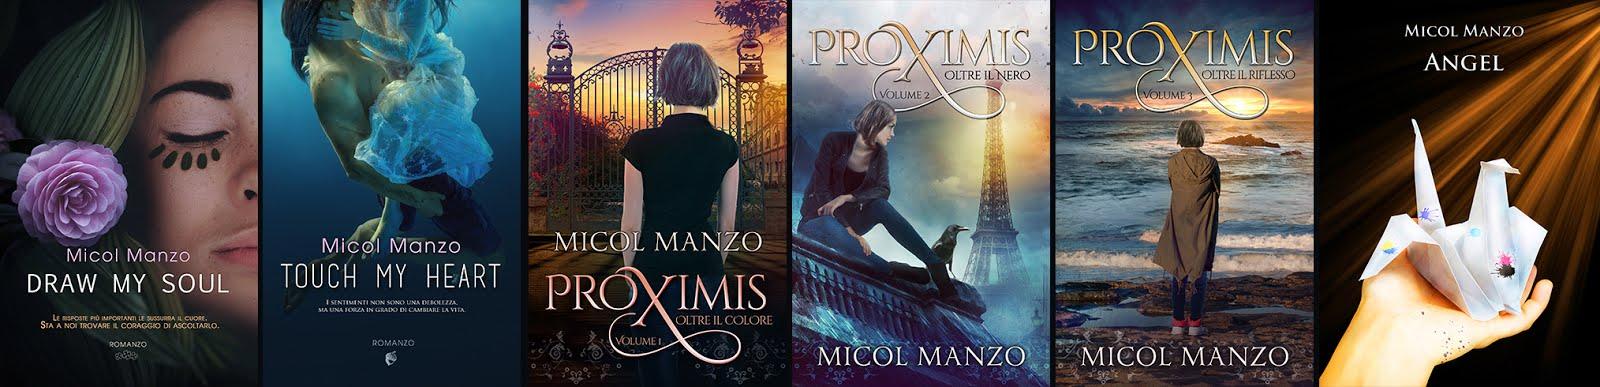 Micol Manzo